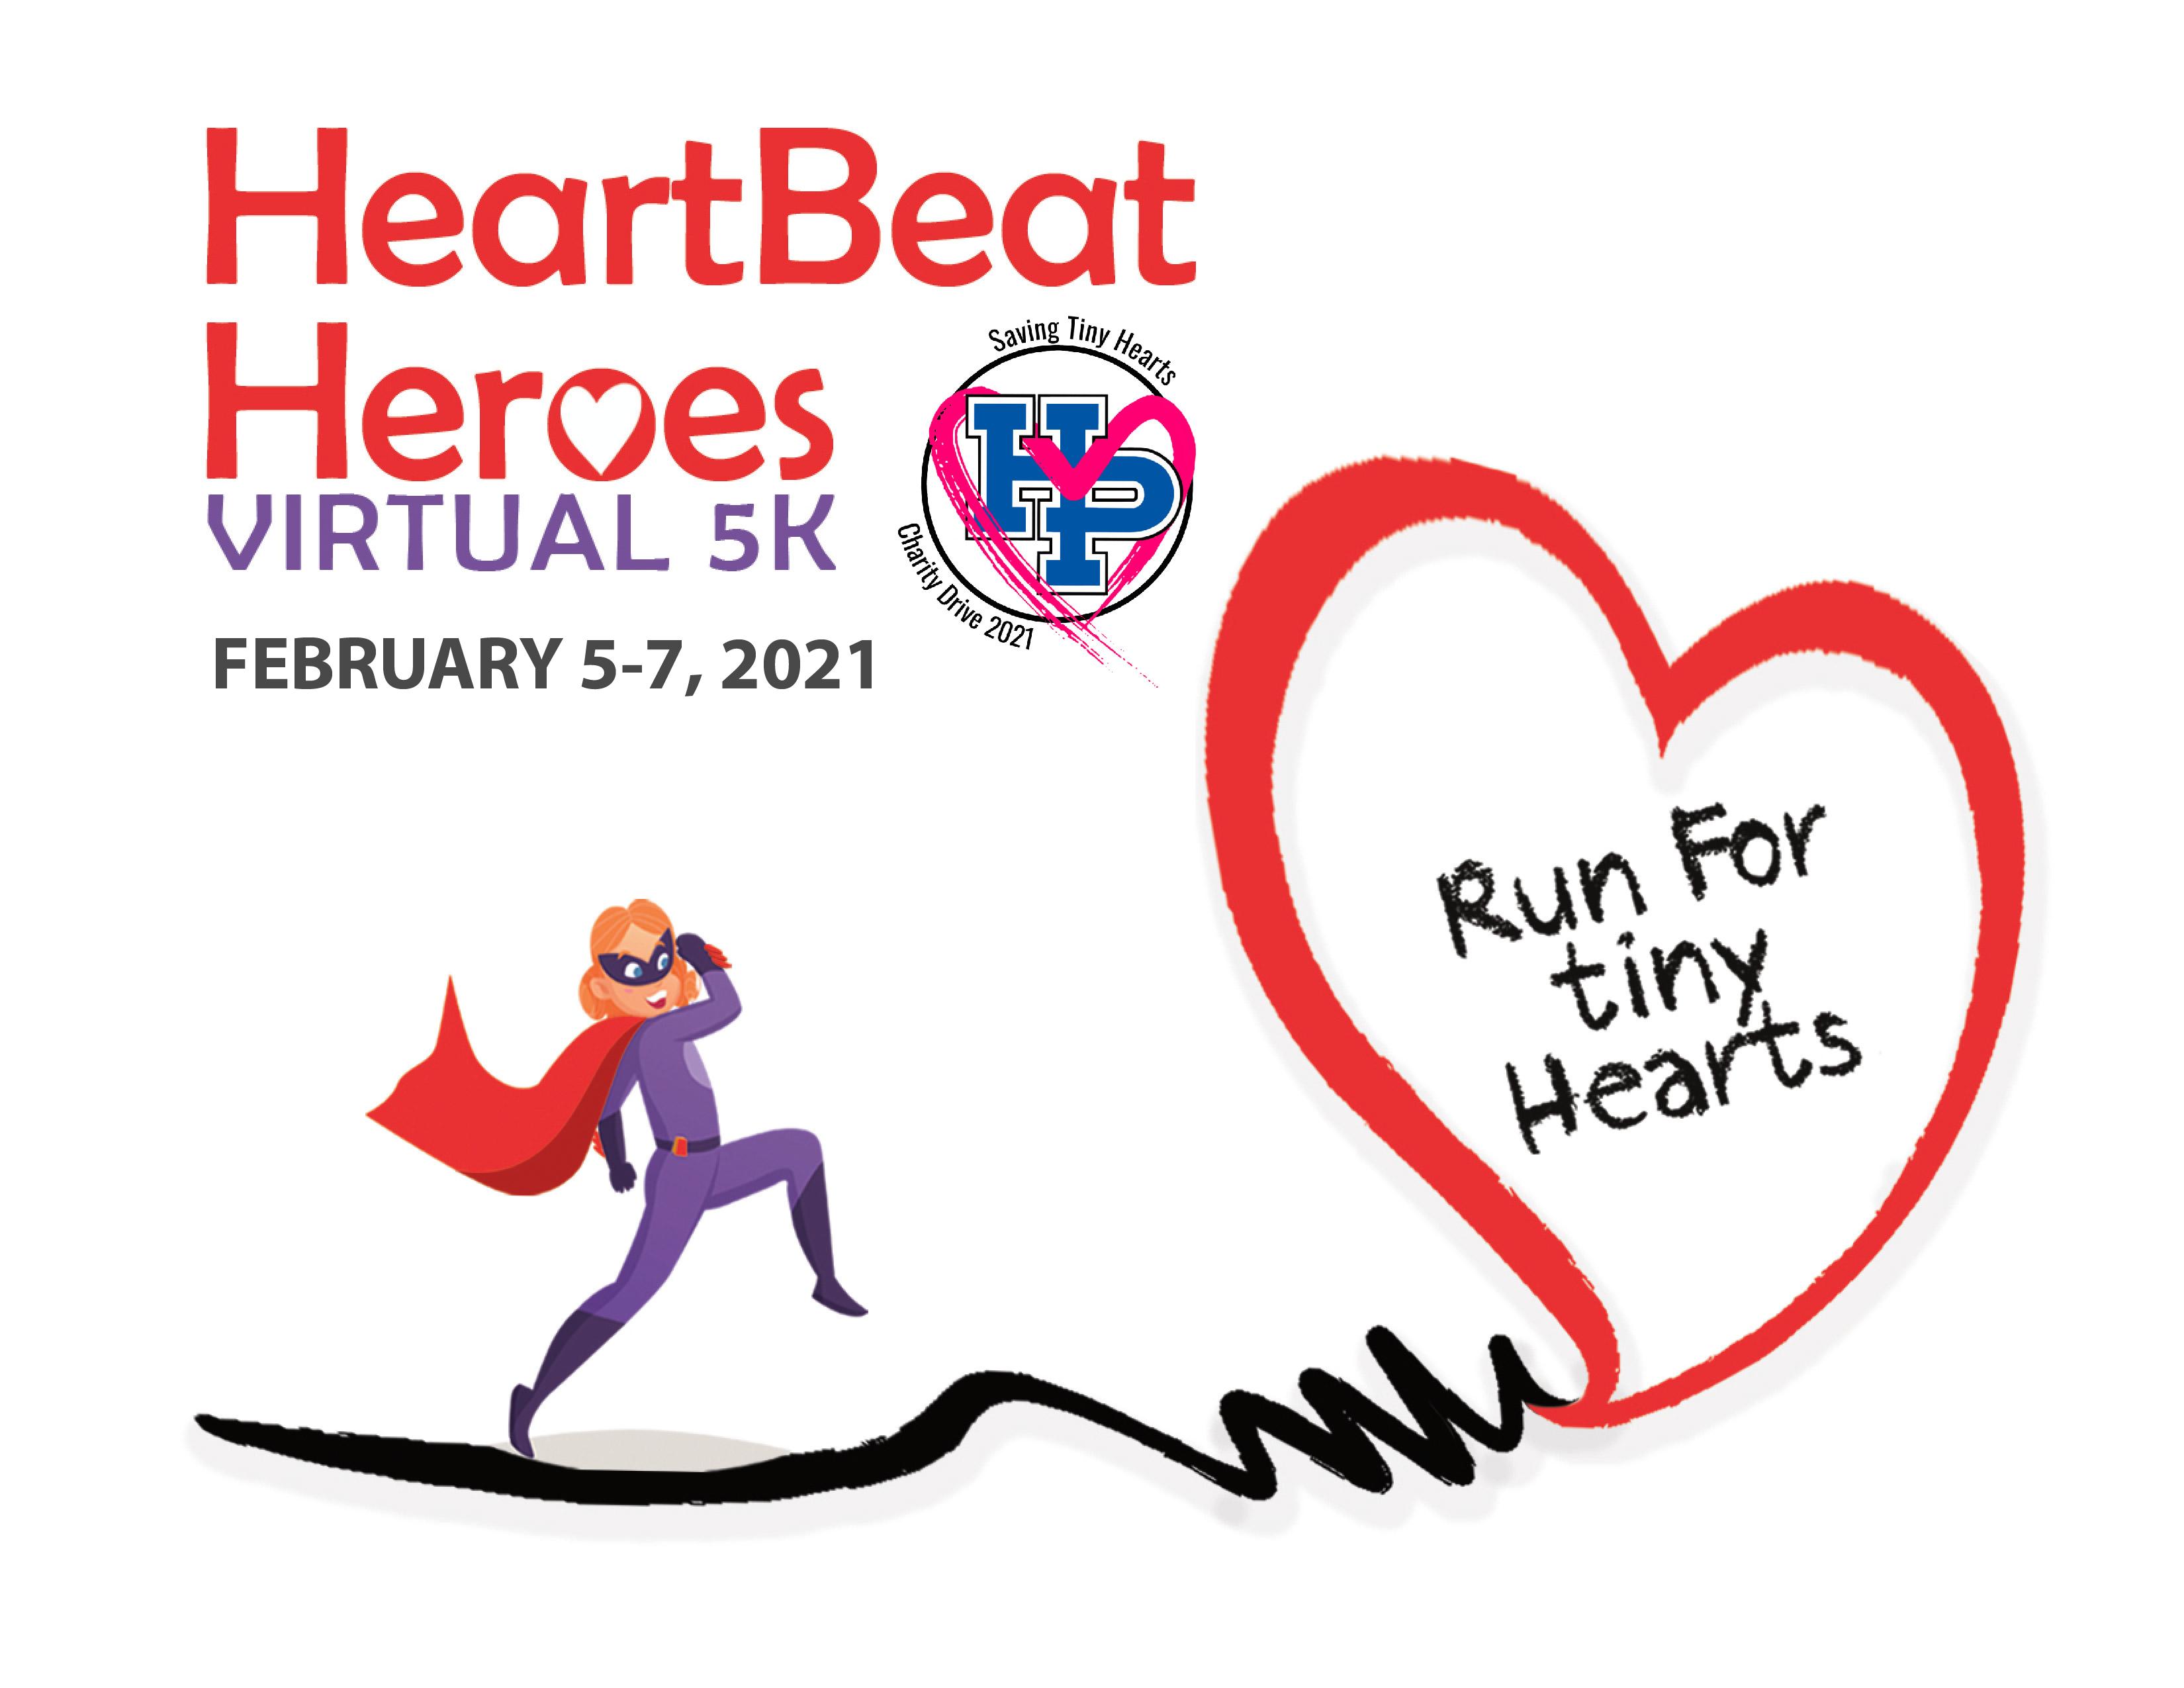 heartbeat heros_flyer.